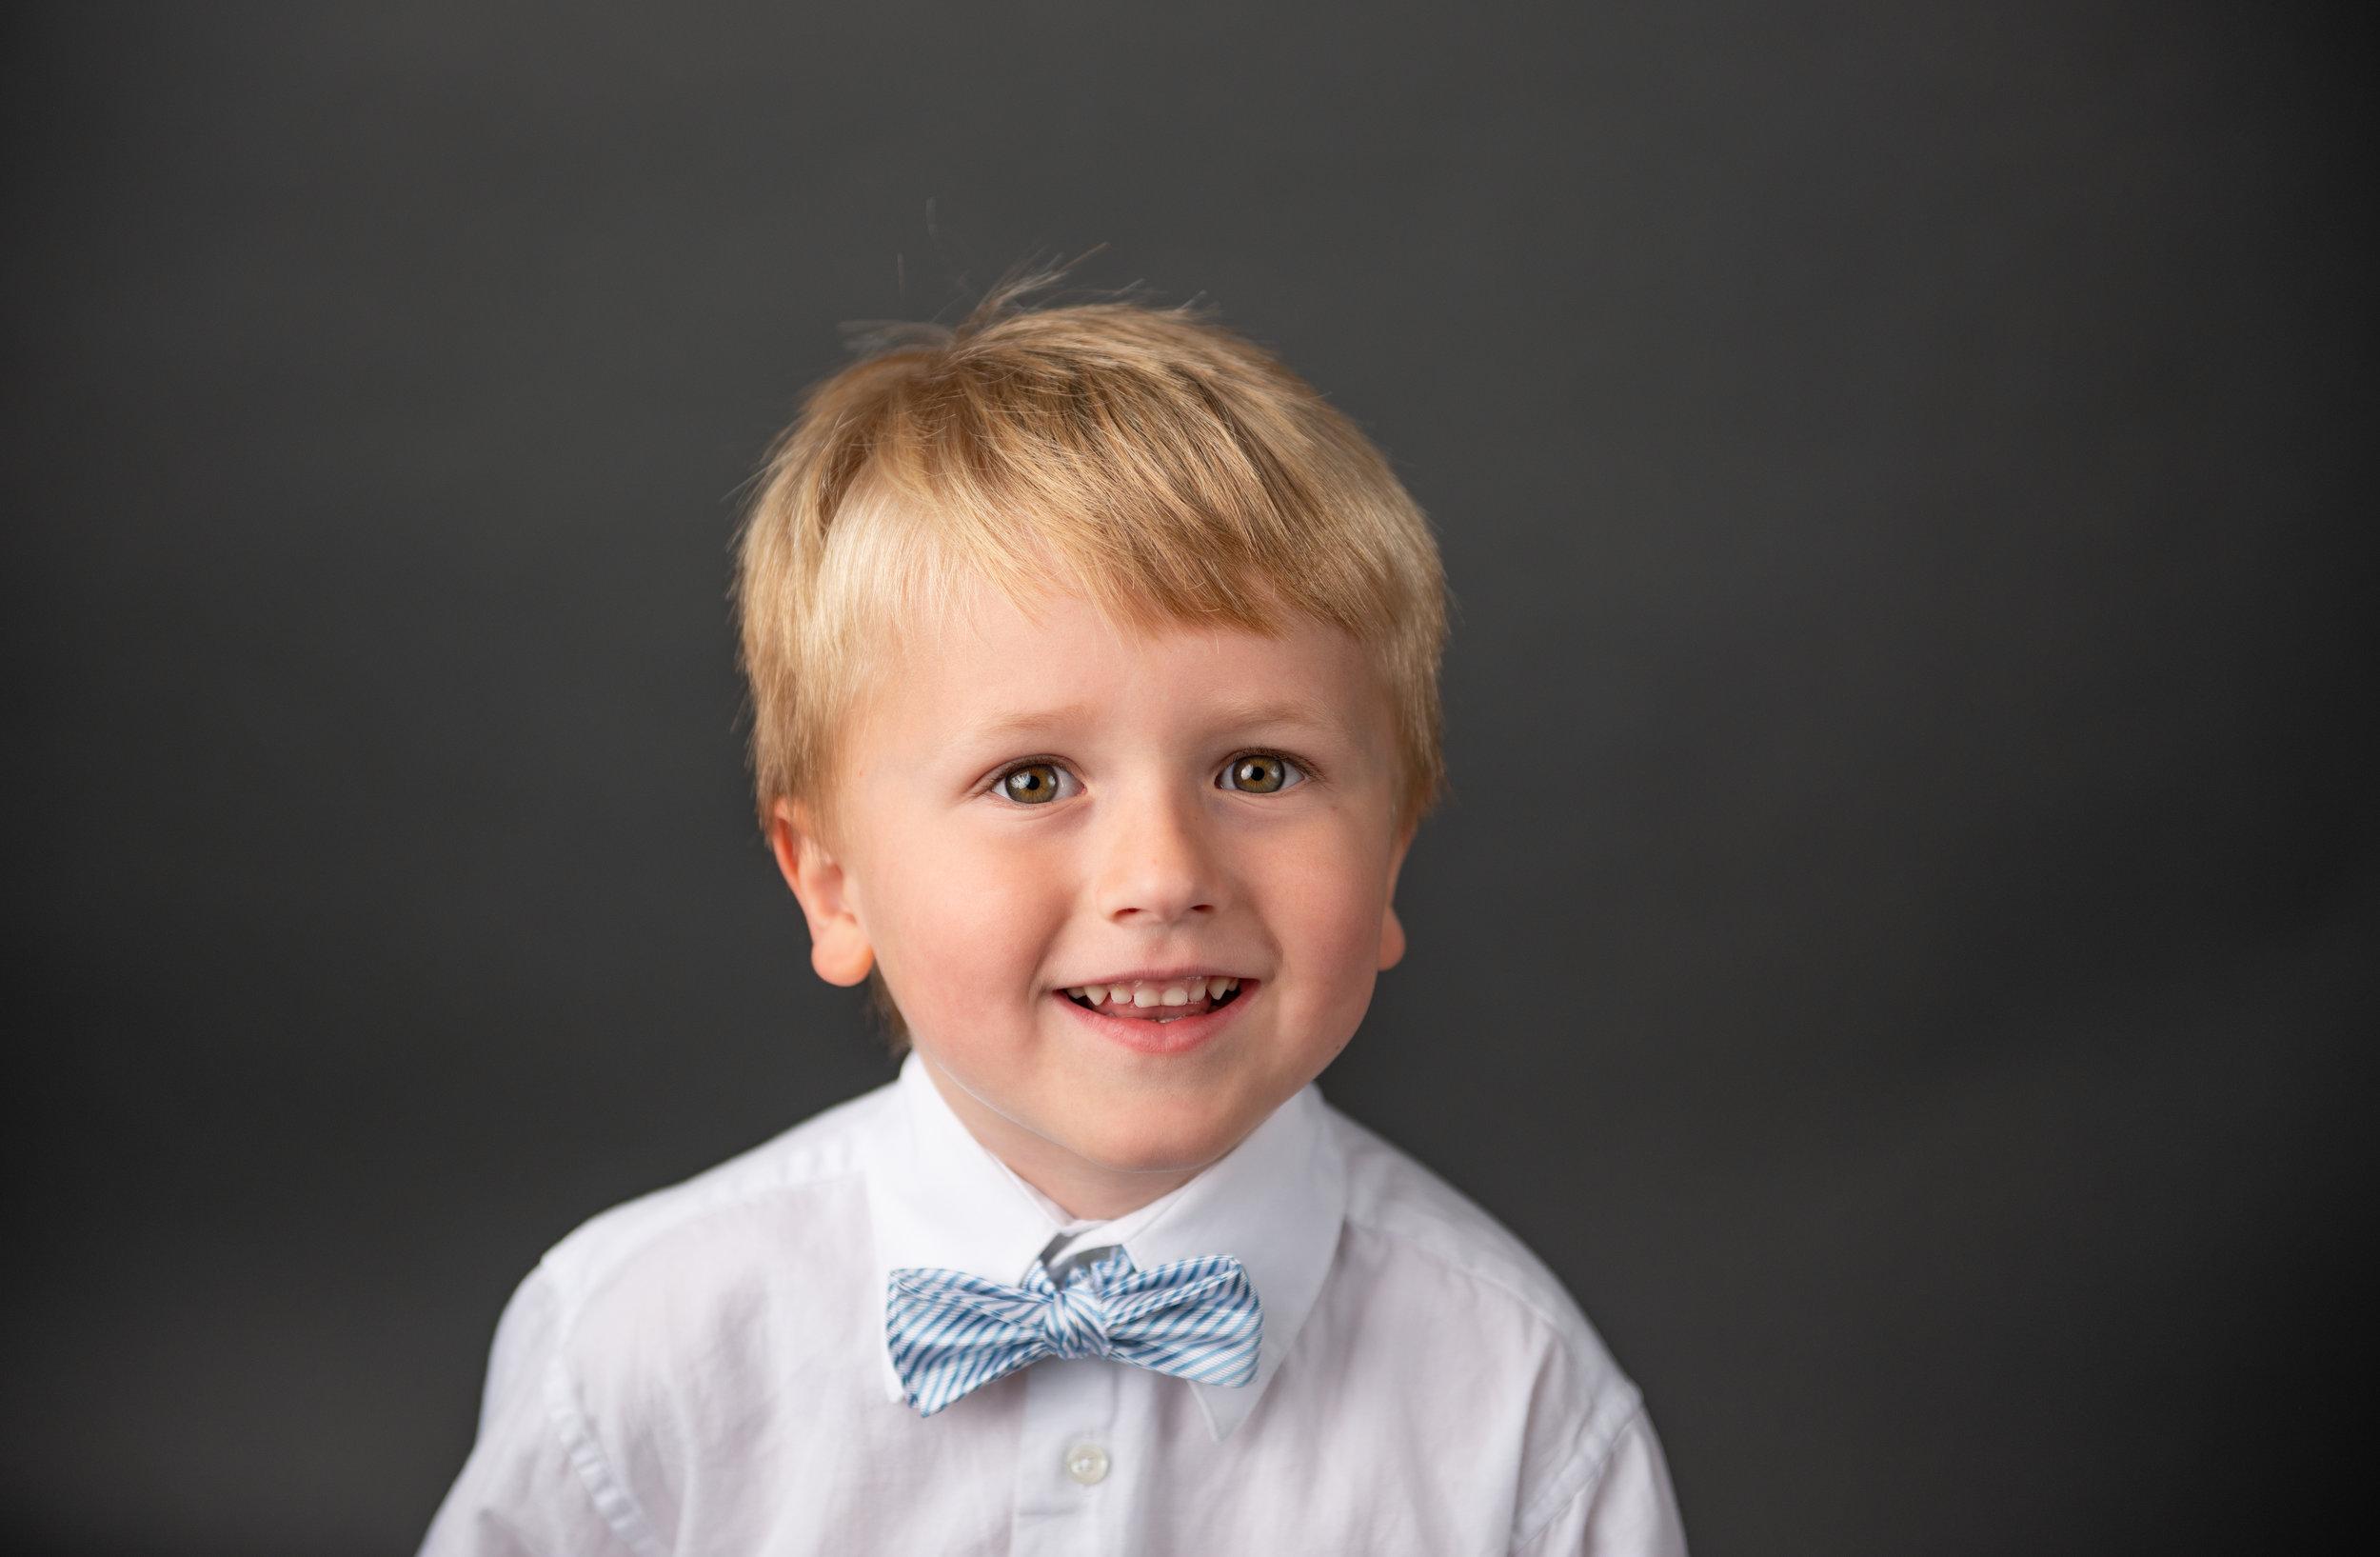 little boy preschool photo bow tie